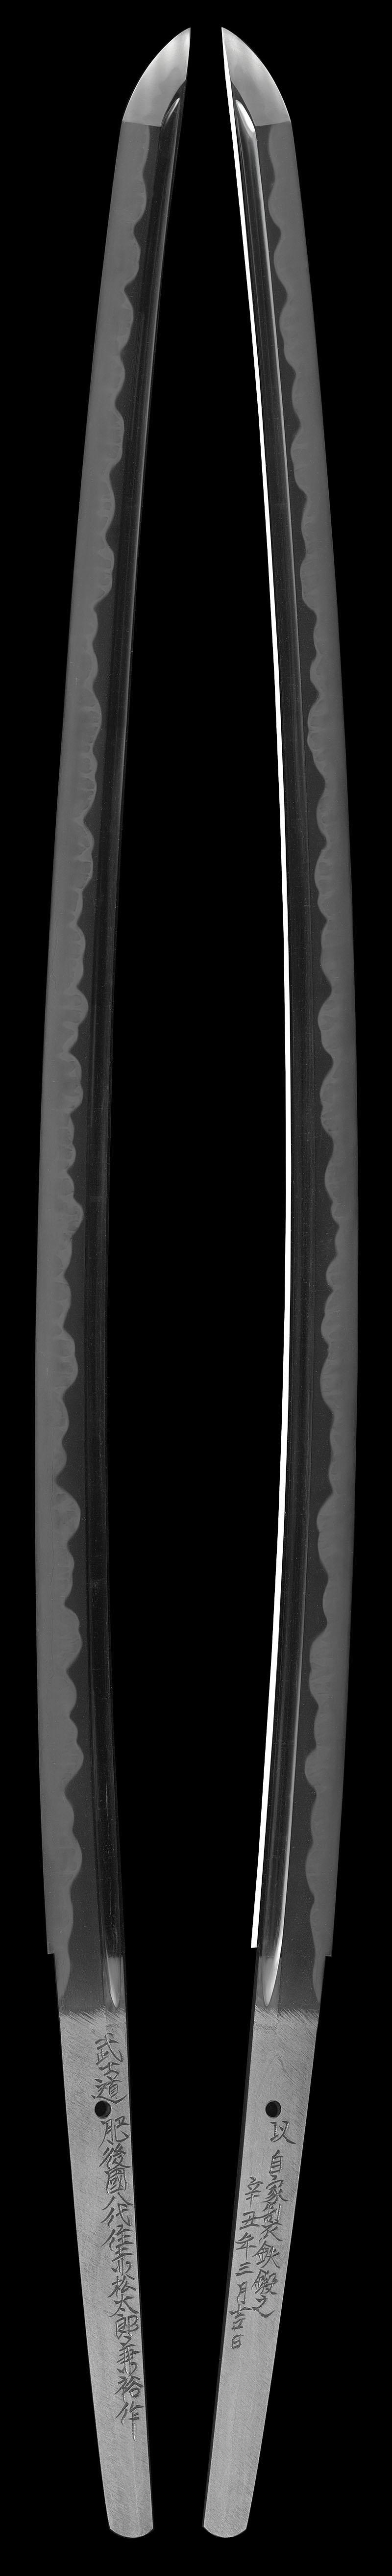 刀 武士道 肥後國八代住赤松太郎兼裕作 (木村 馨)(新作刀)  以自家製鉄鍛之 辛丑年三月吉日全体画像